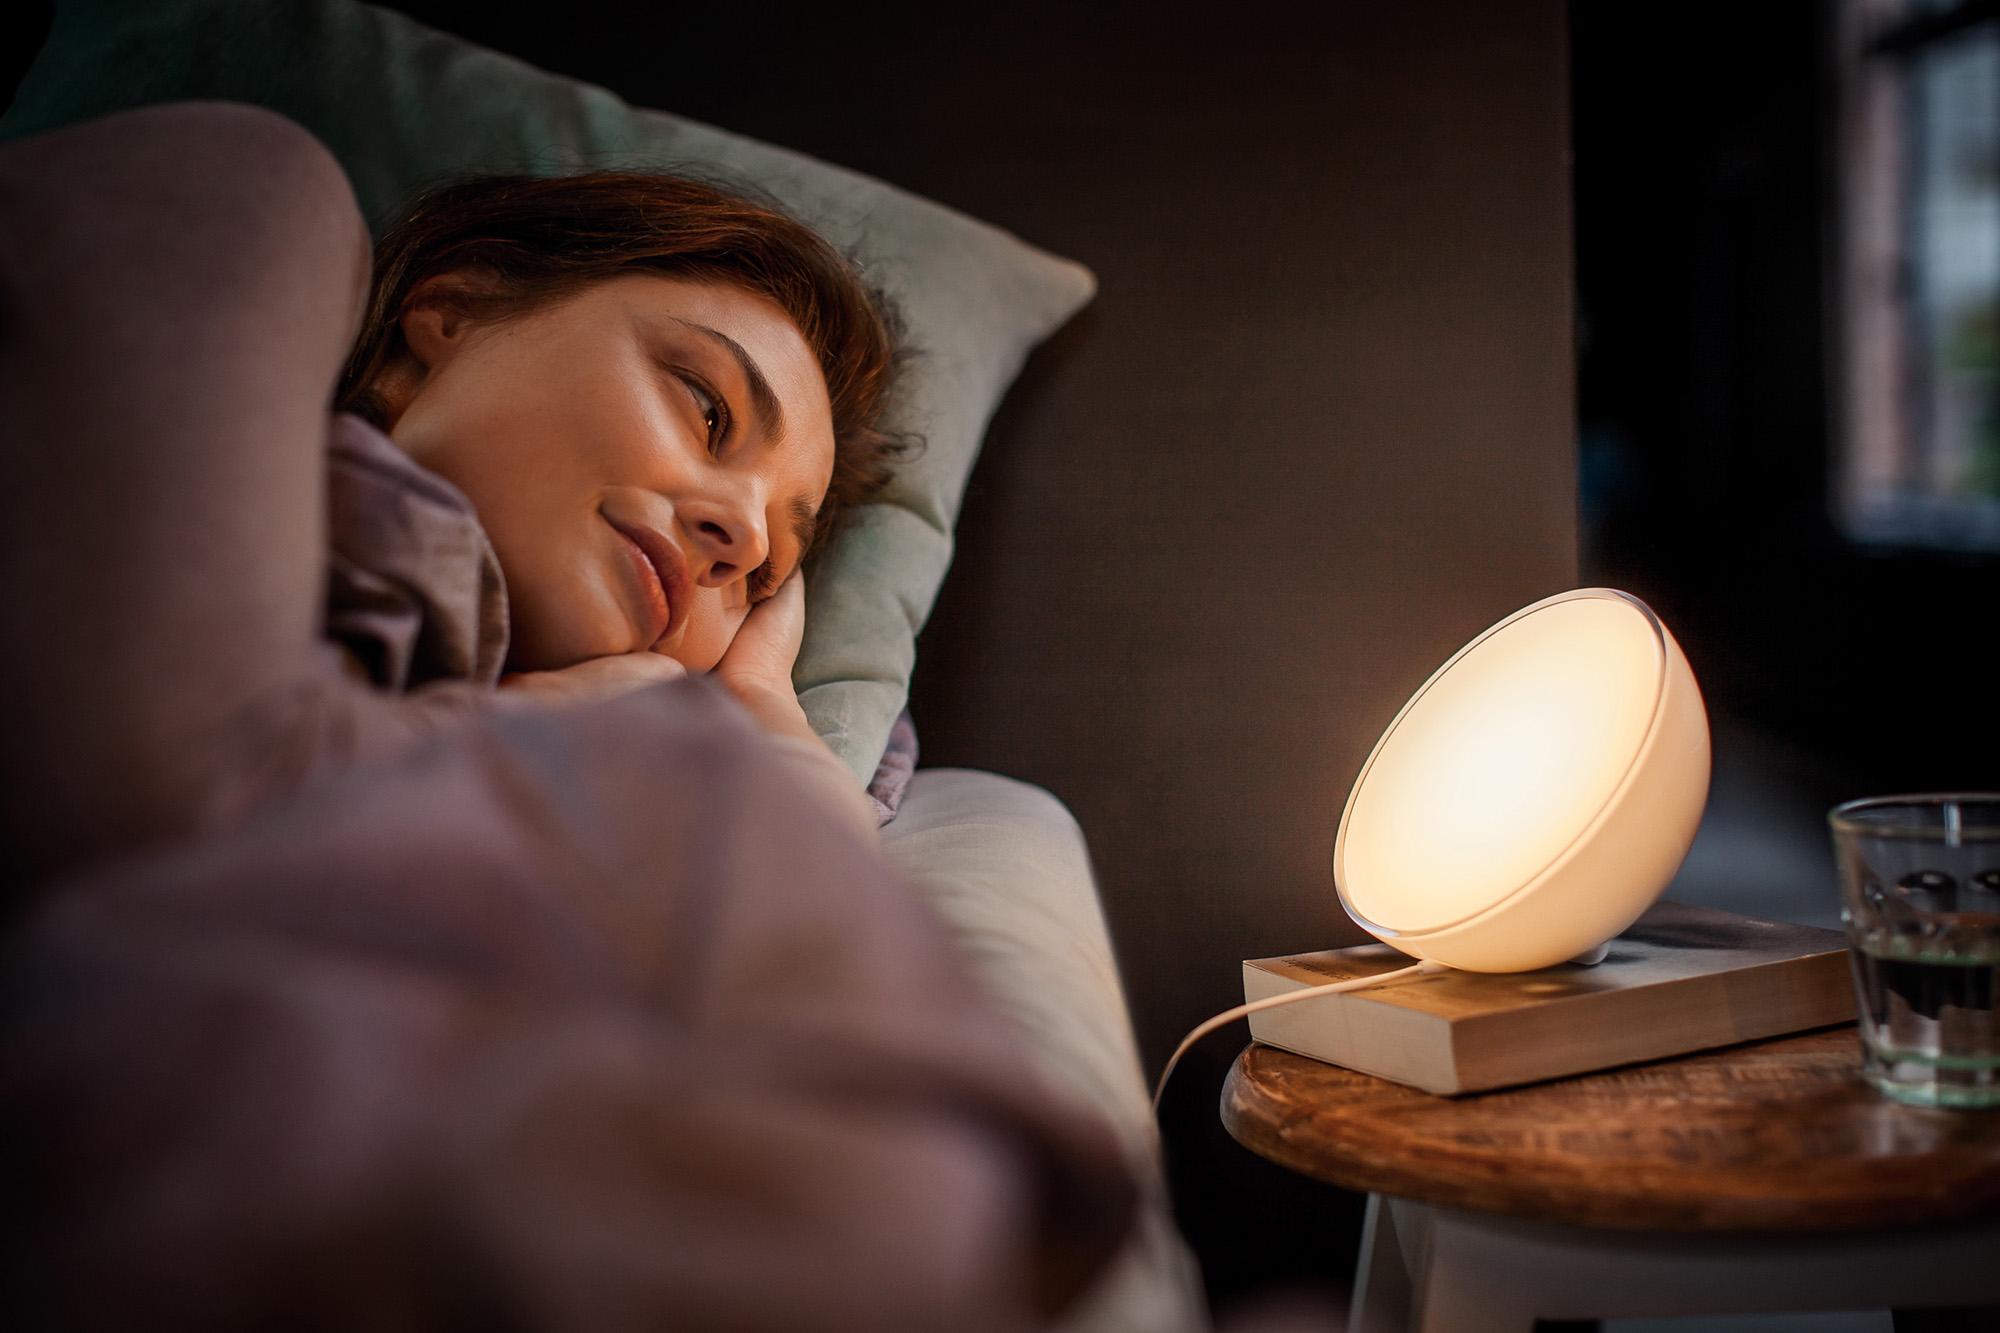 Nova luminária portátil da linha Philips Hue cria experiências personalizadas